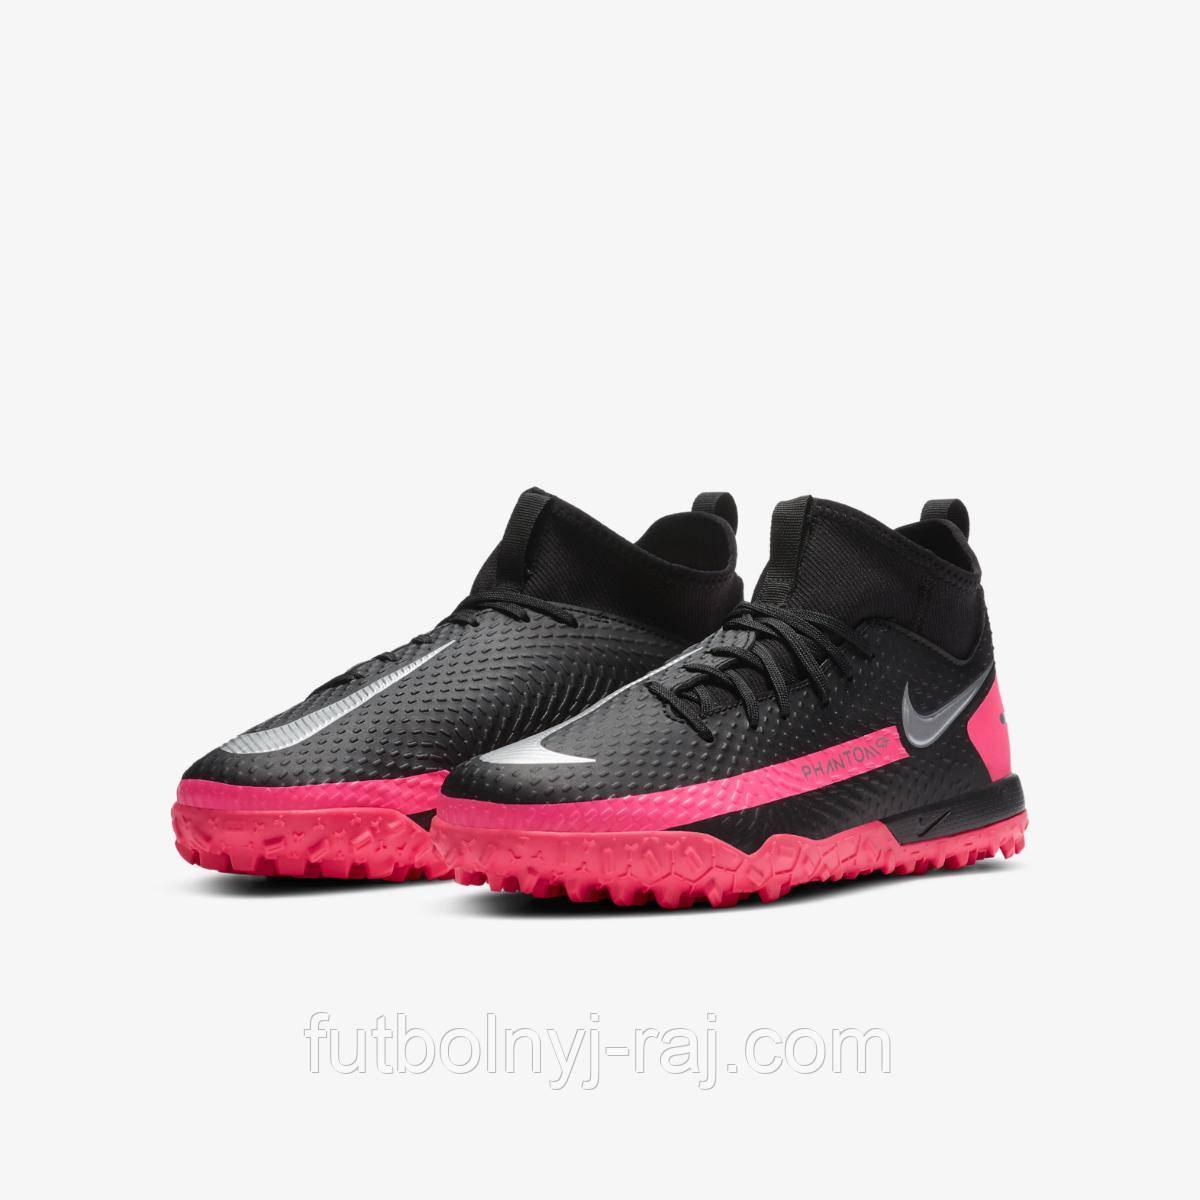 Сороконожкип детские Nike Pnantom GT Academy DF TF CW6695-006